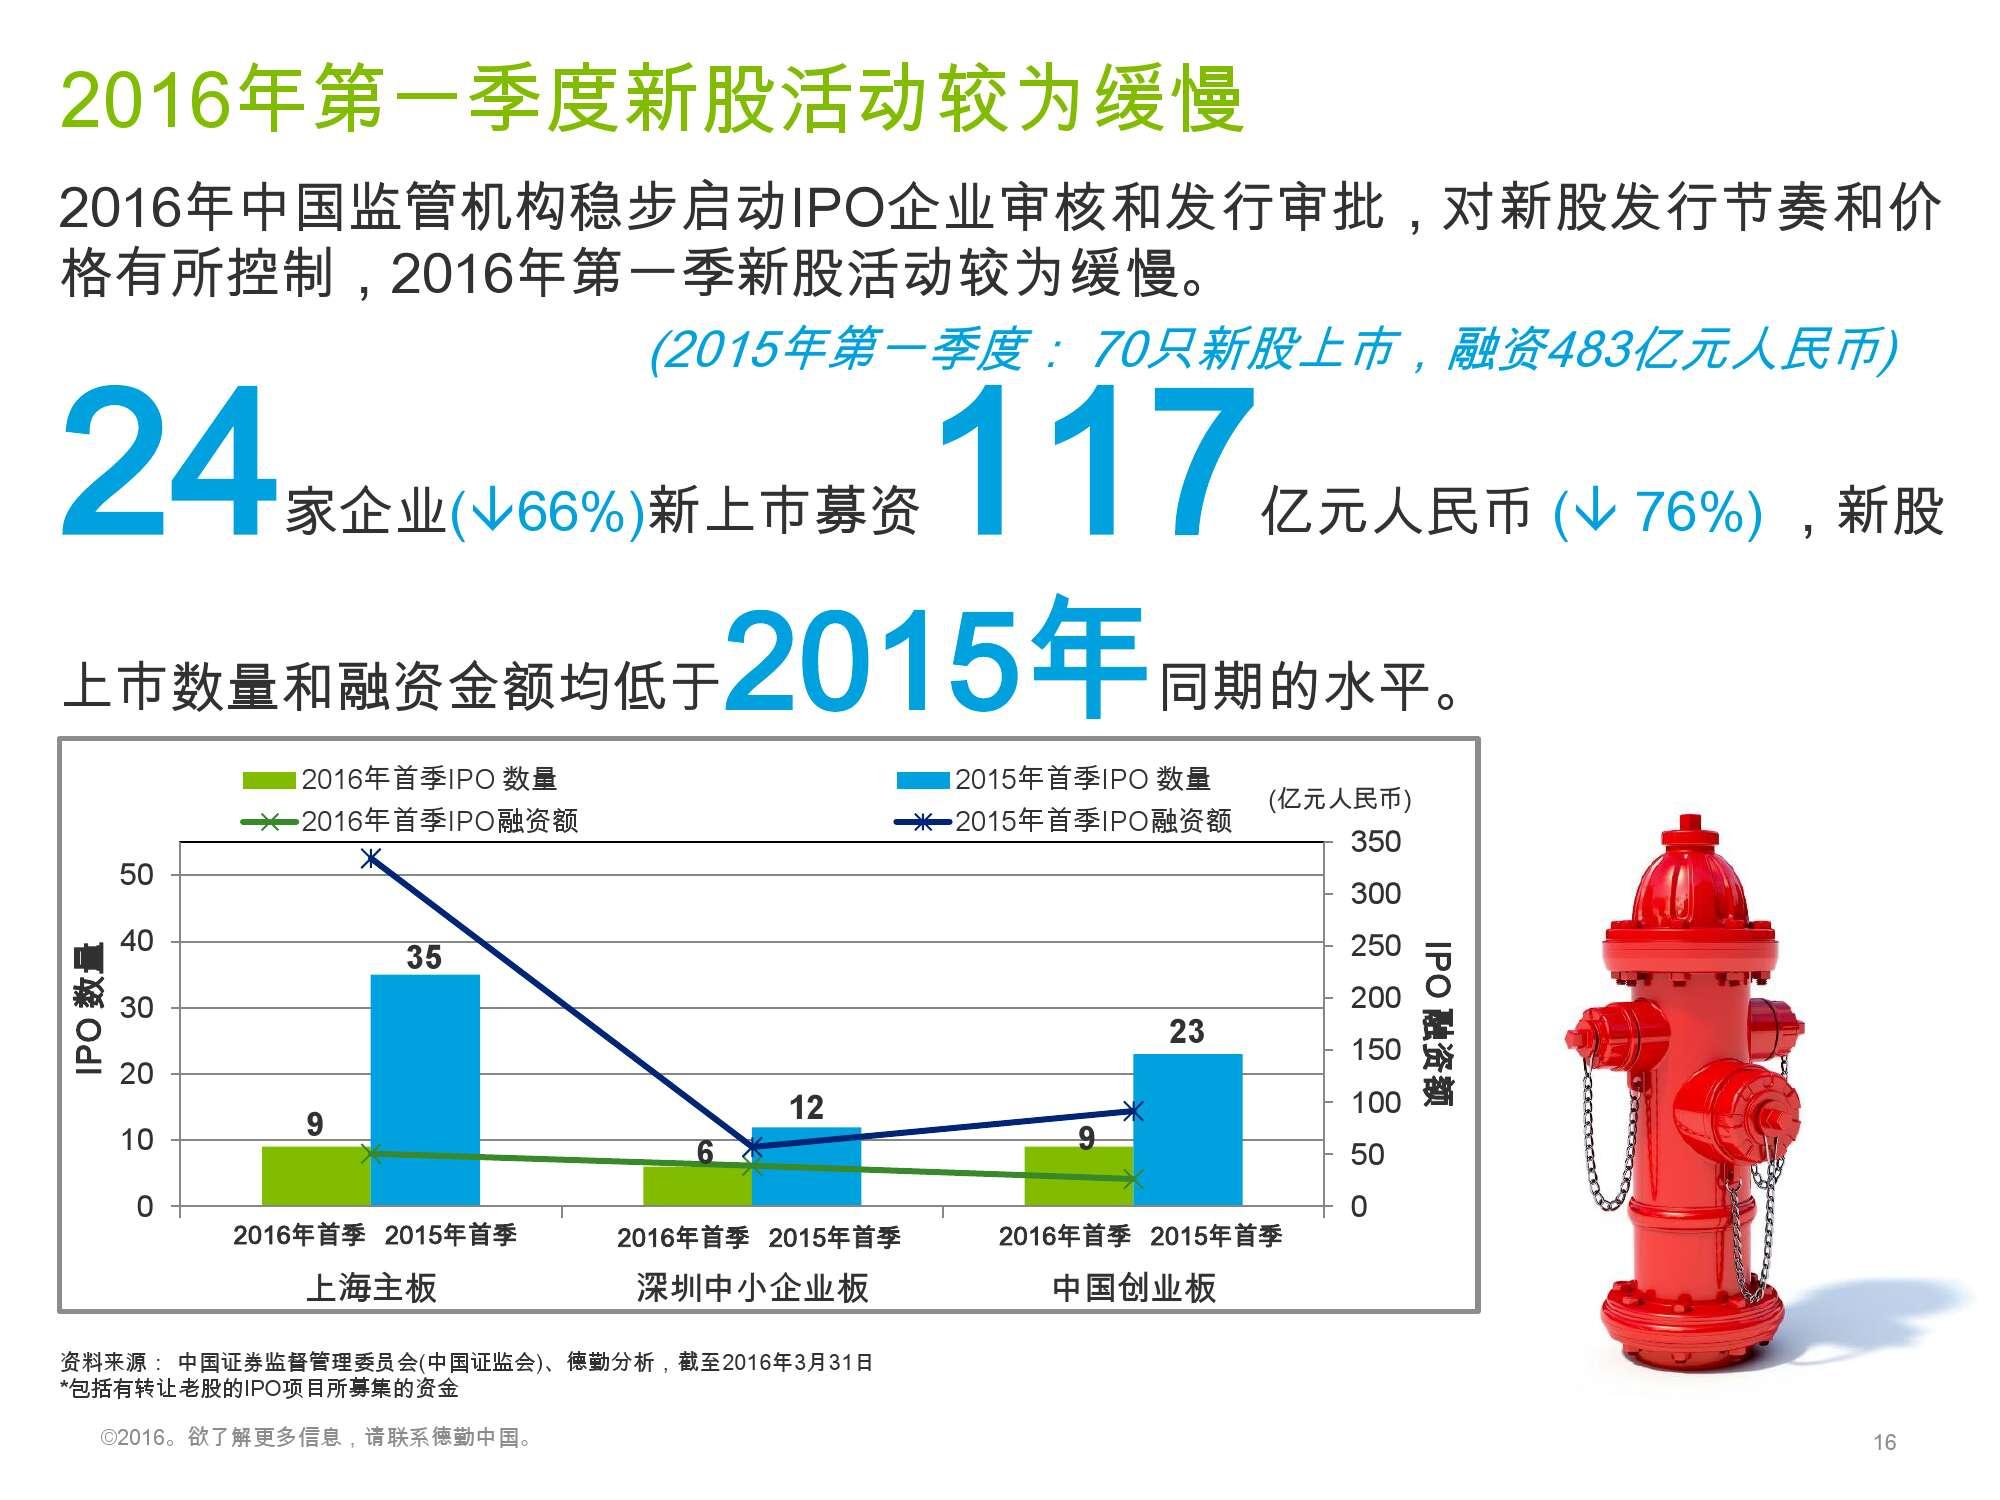 香港及中国大陆IPO市场2016年1季度_000016